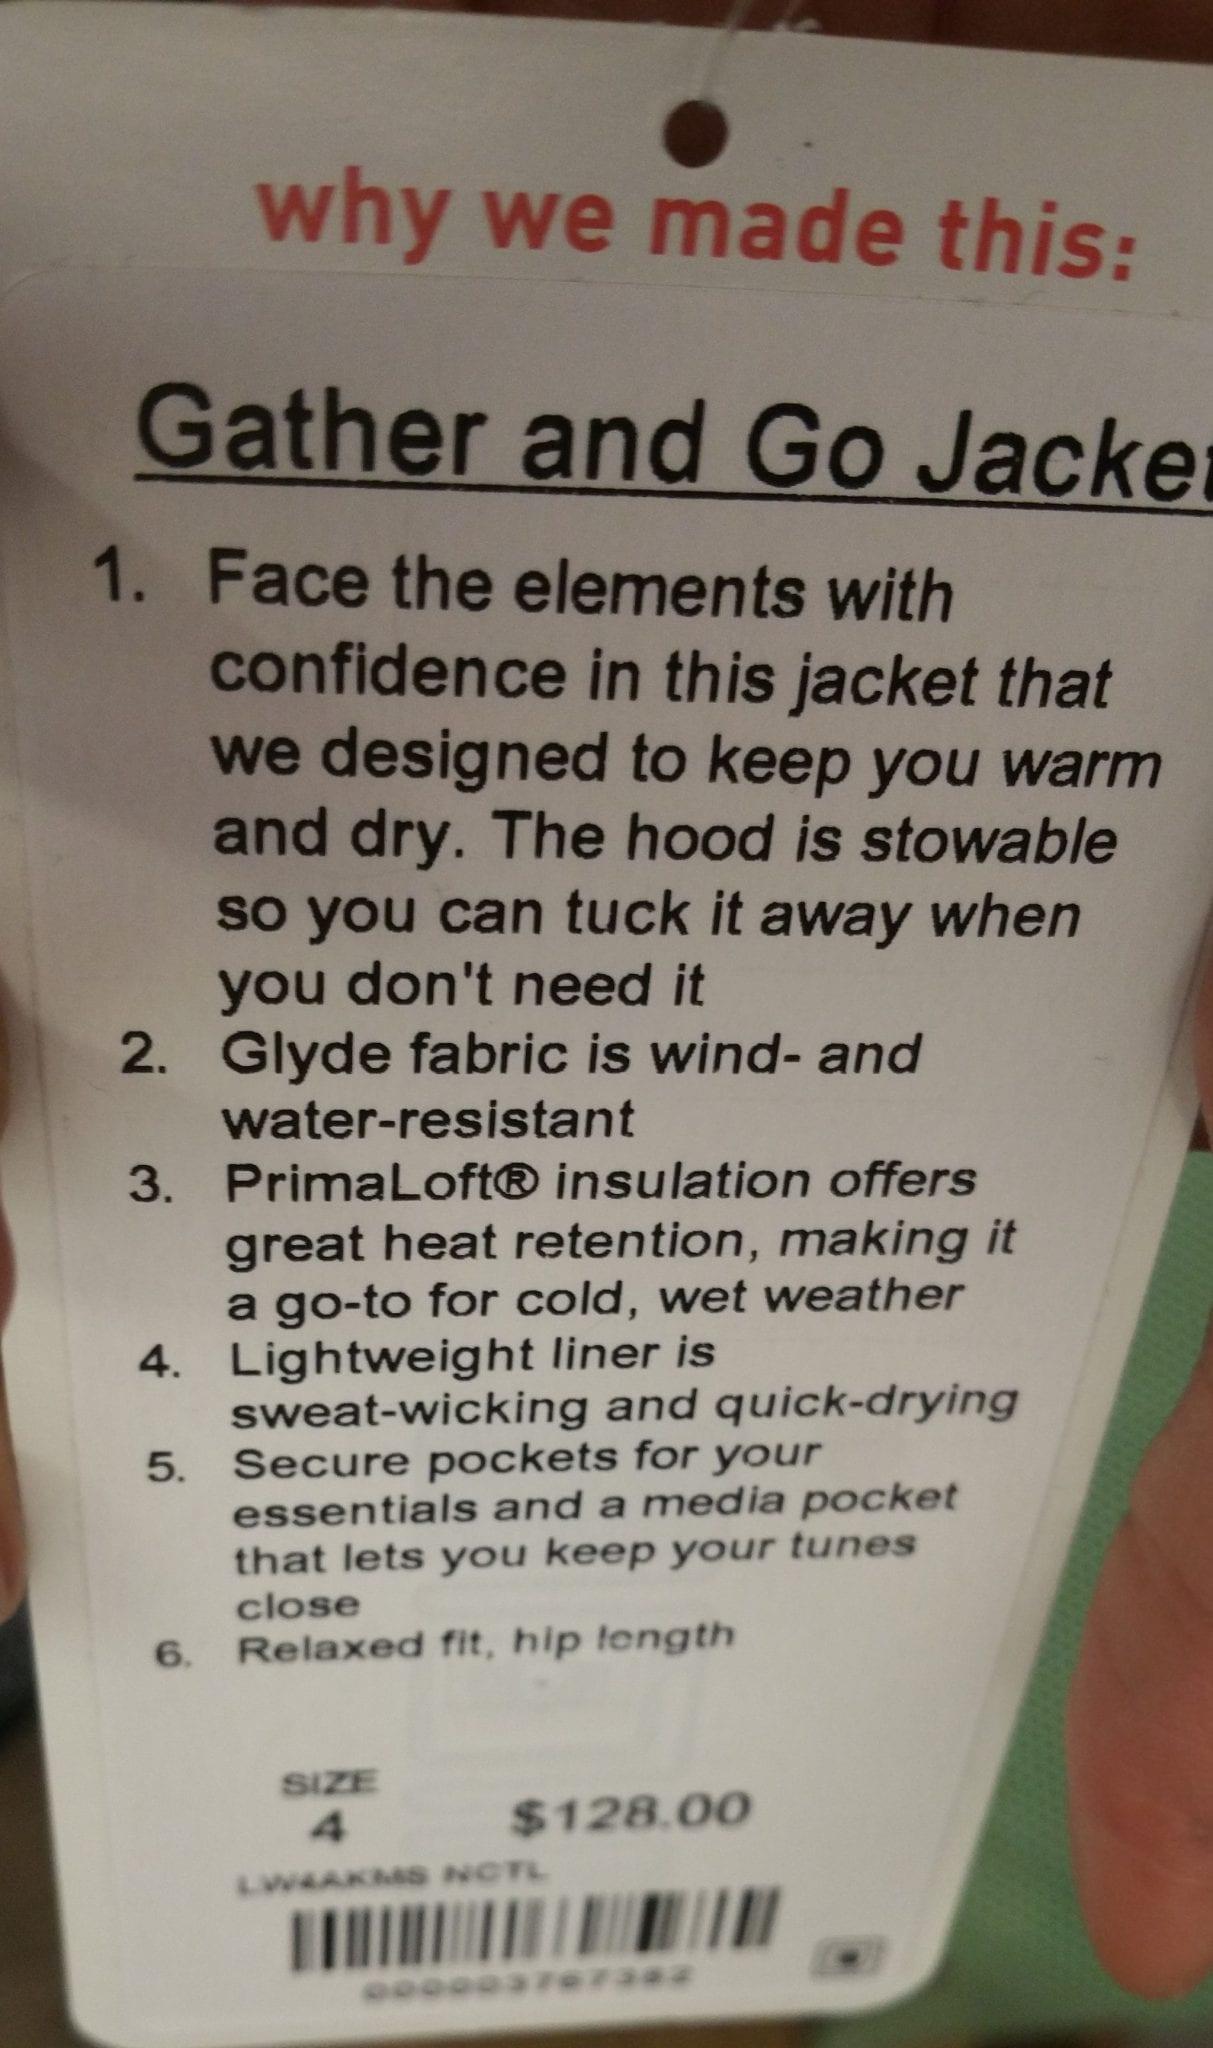 Gather & Go Jacket